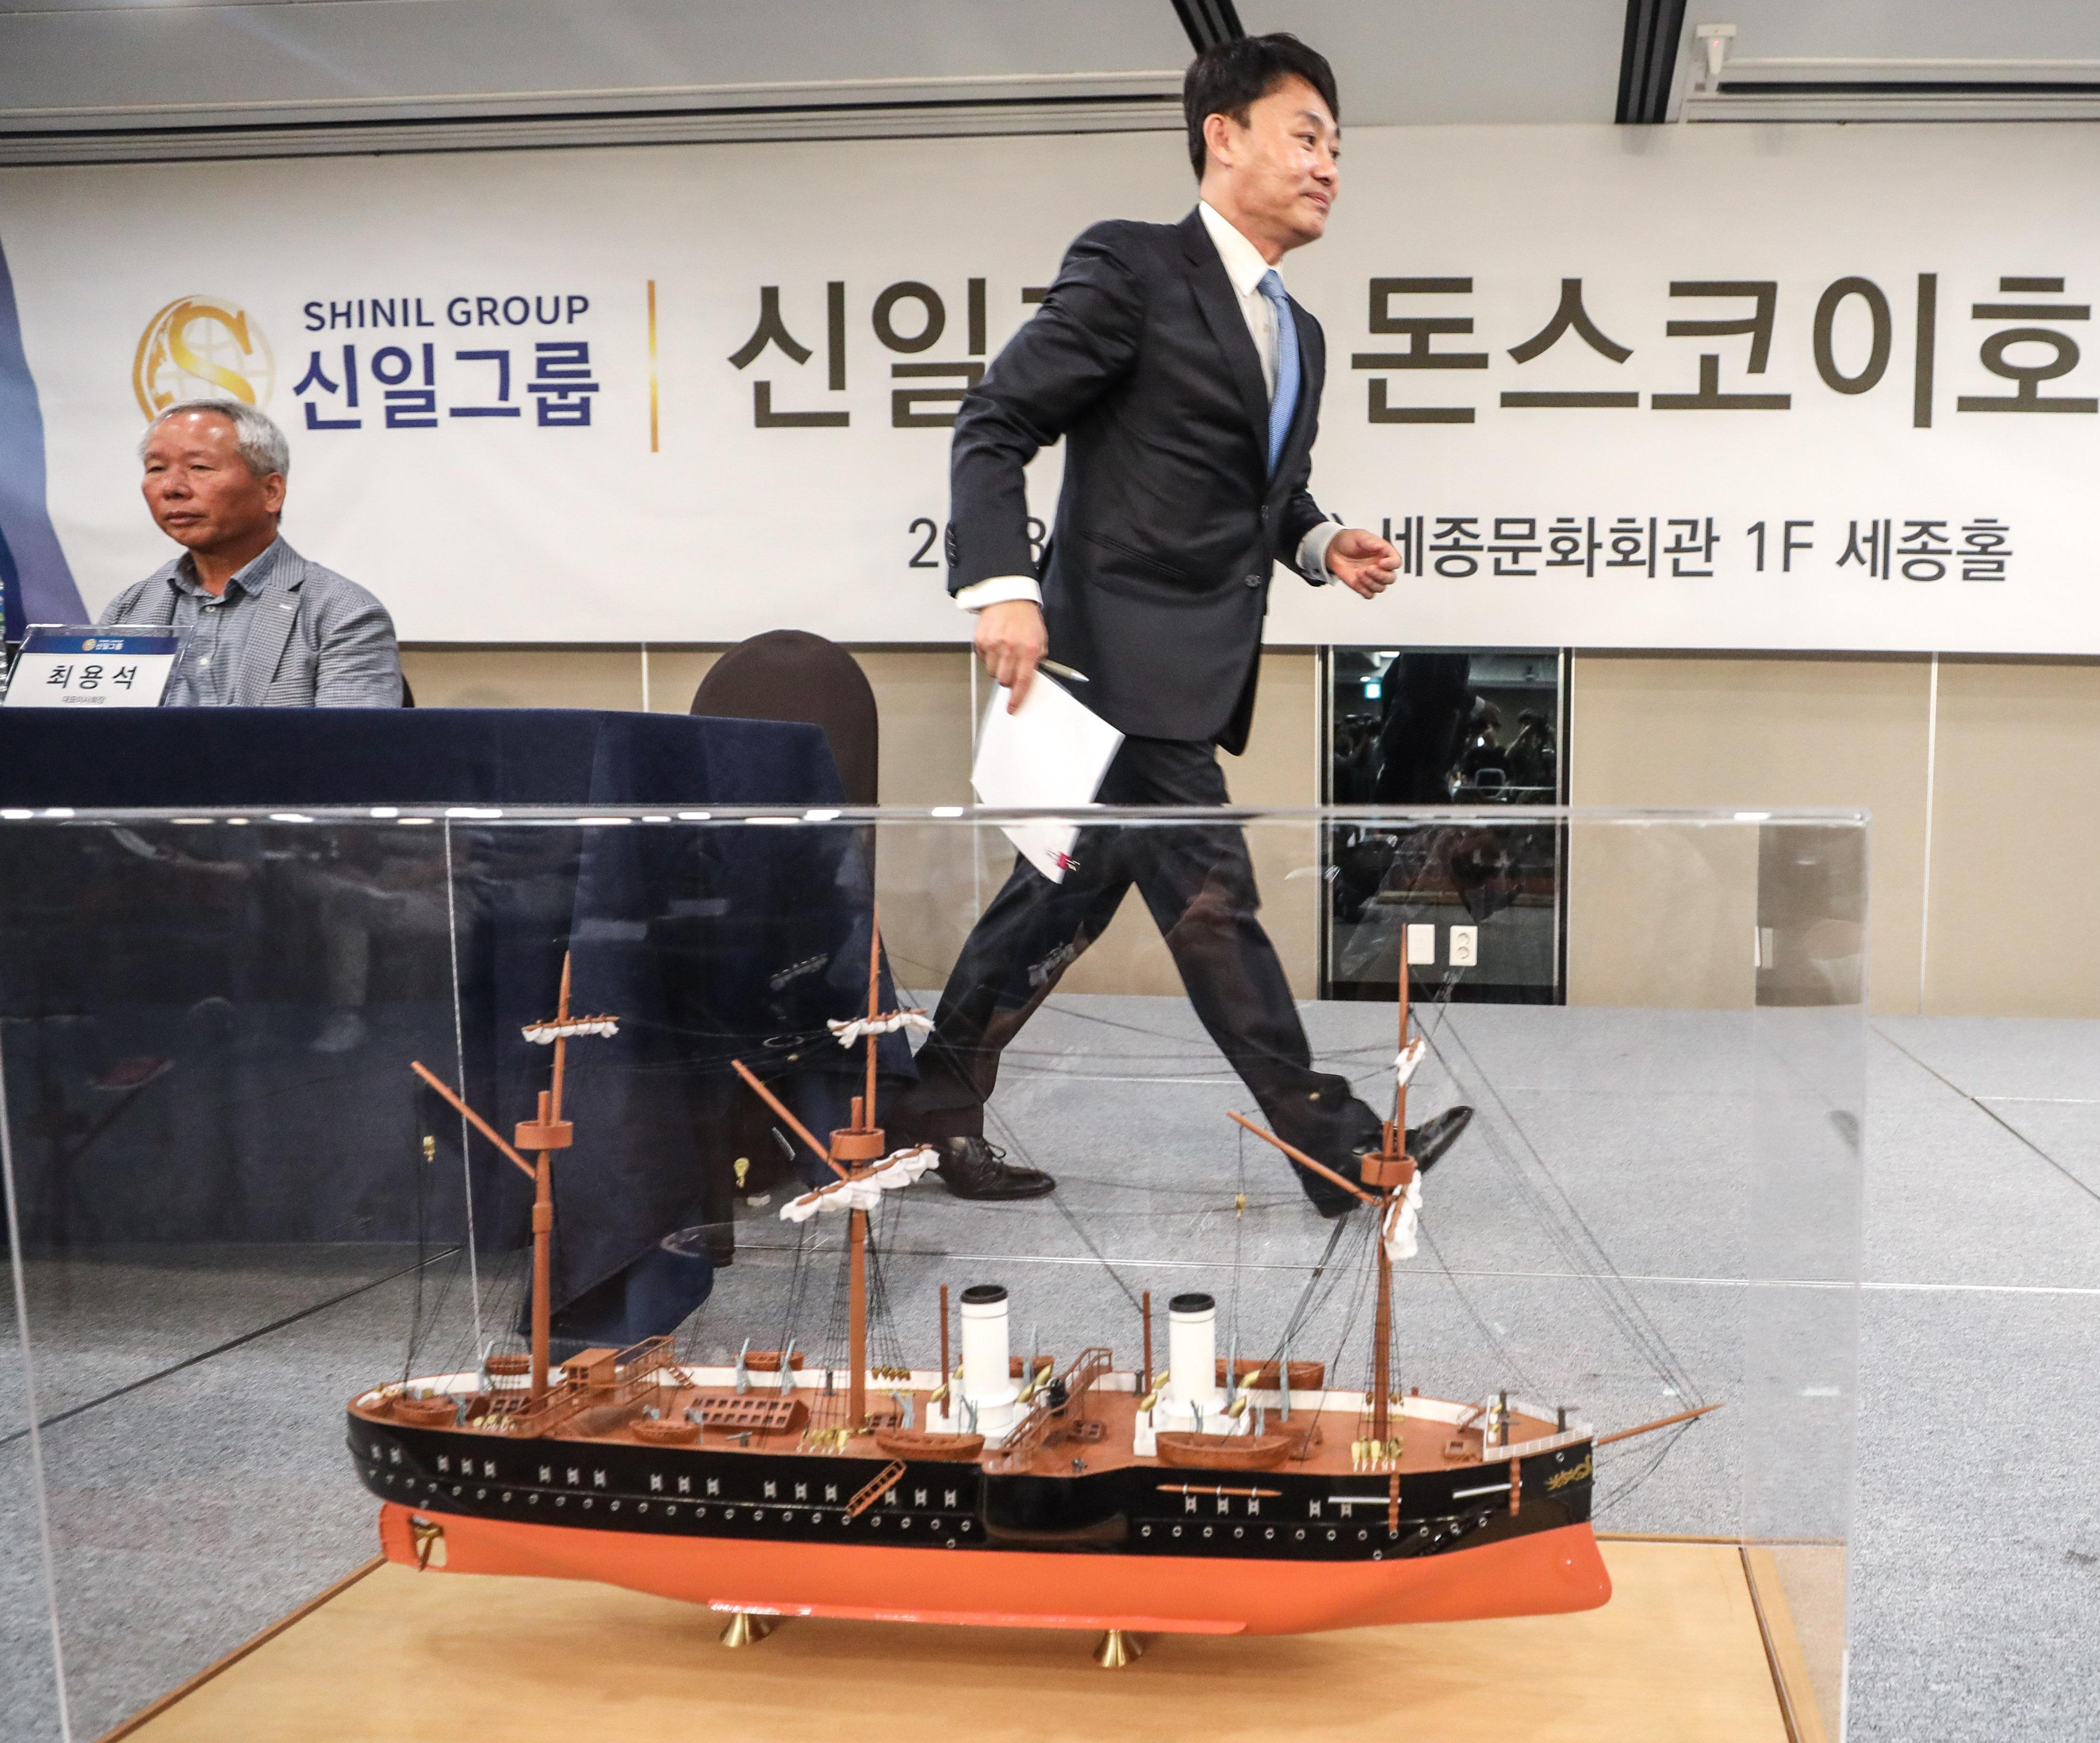 '돈스코이호' 신일그룹이 해명 기자회견을 열었다